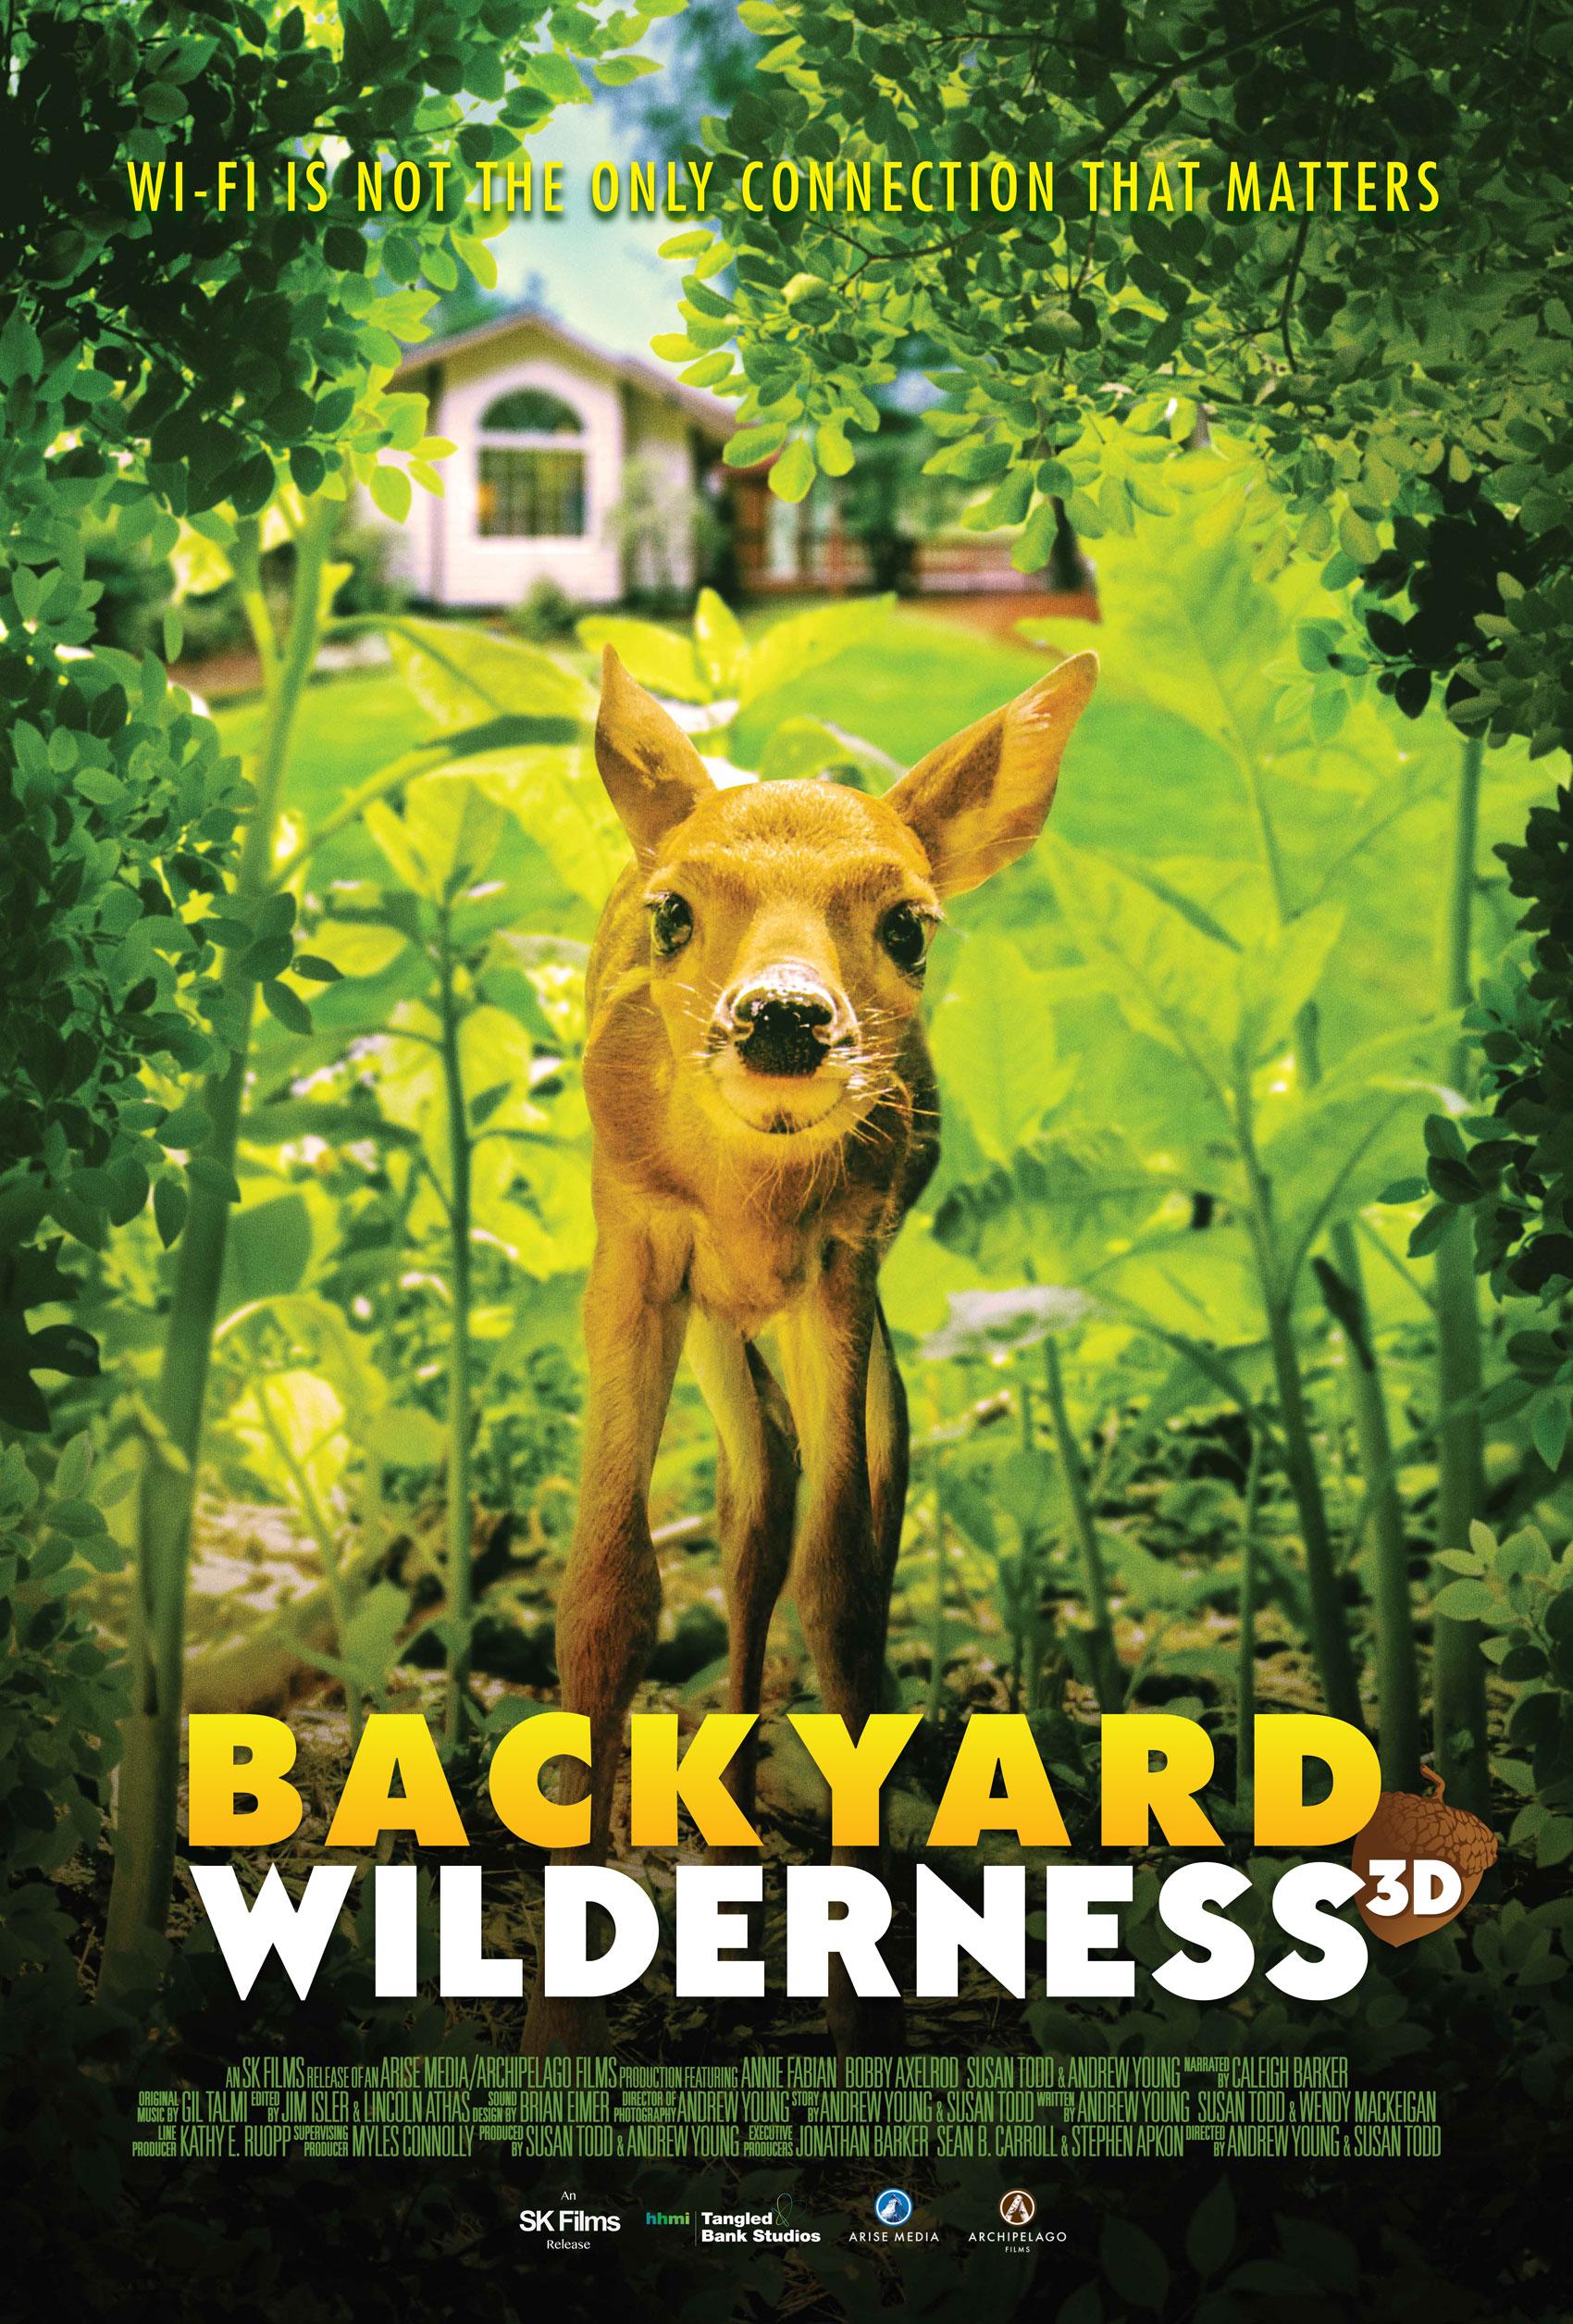 Backyard-Wilderness_Poster-3D